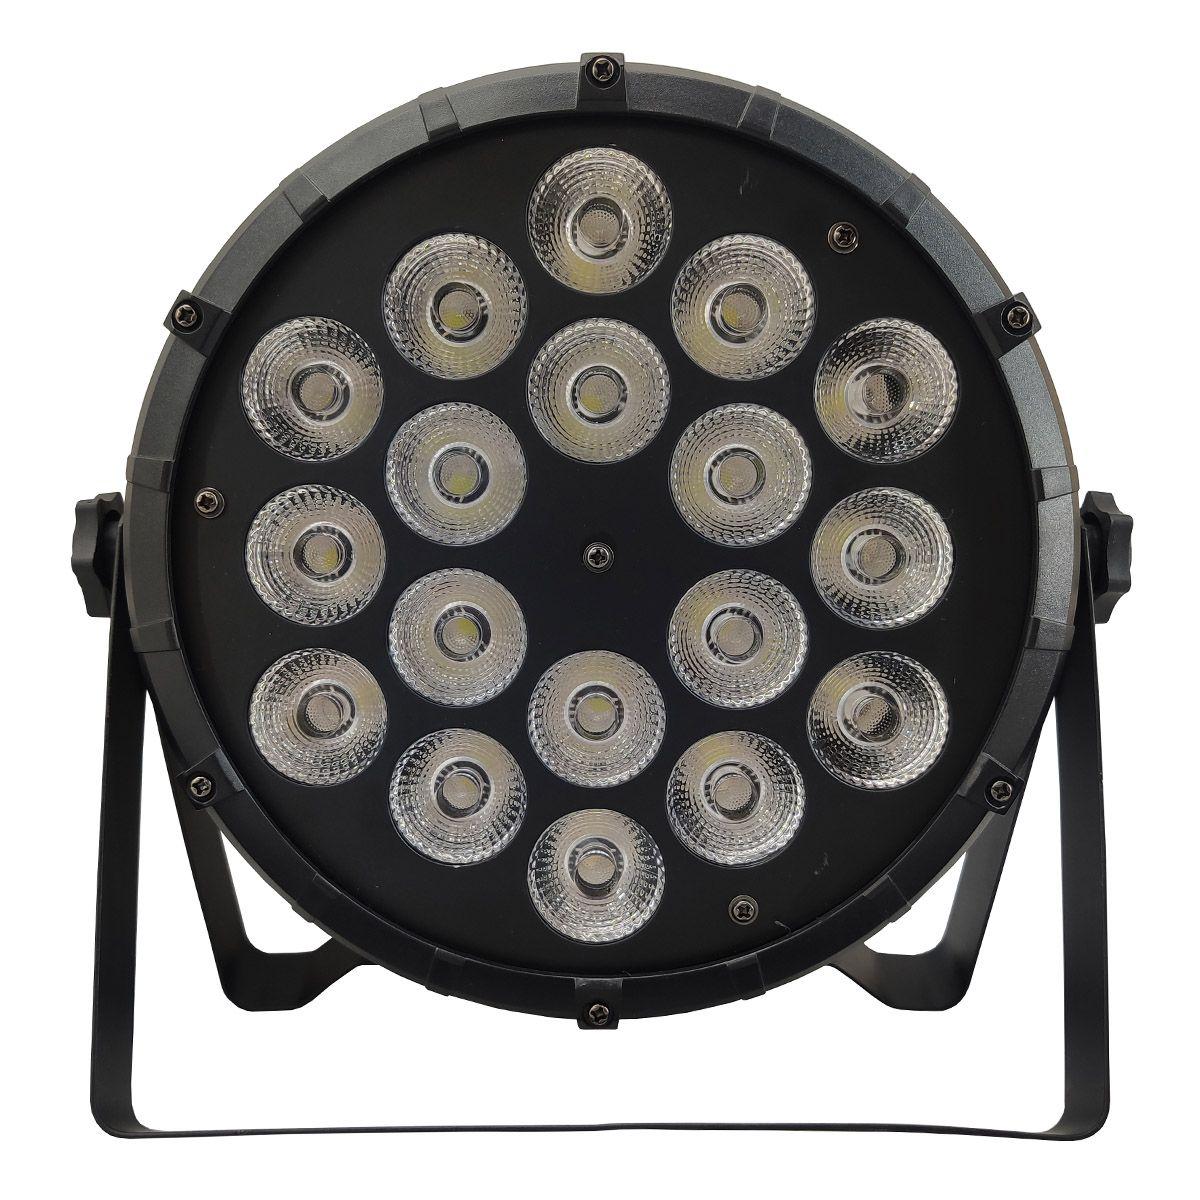 Kit 6 Unidades - Canhão Par Led 18 x 12w RGBW - Briwax  - RS Som e Luz!